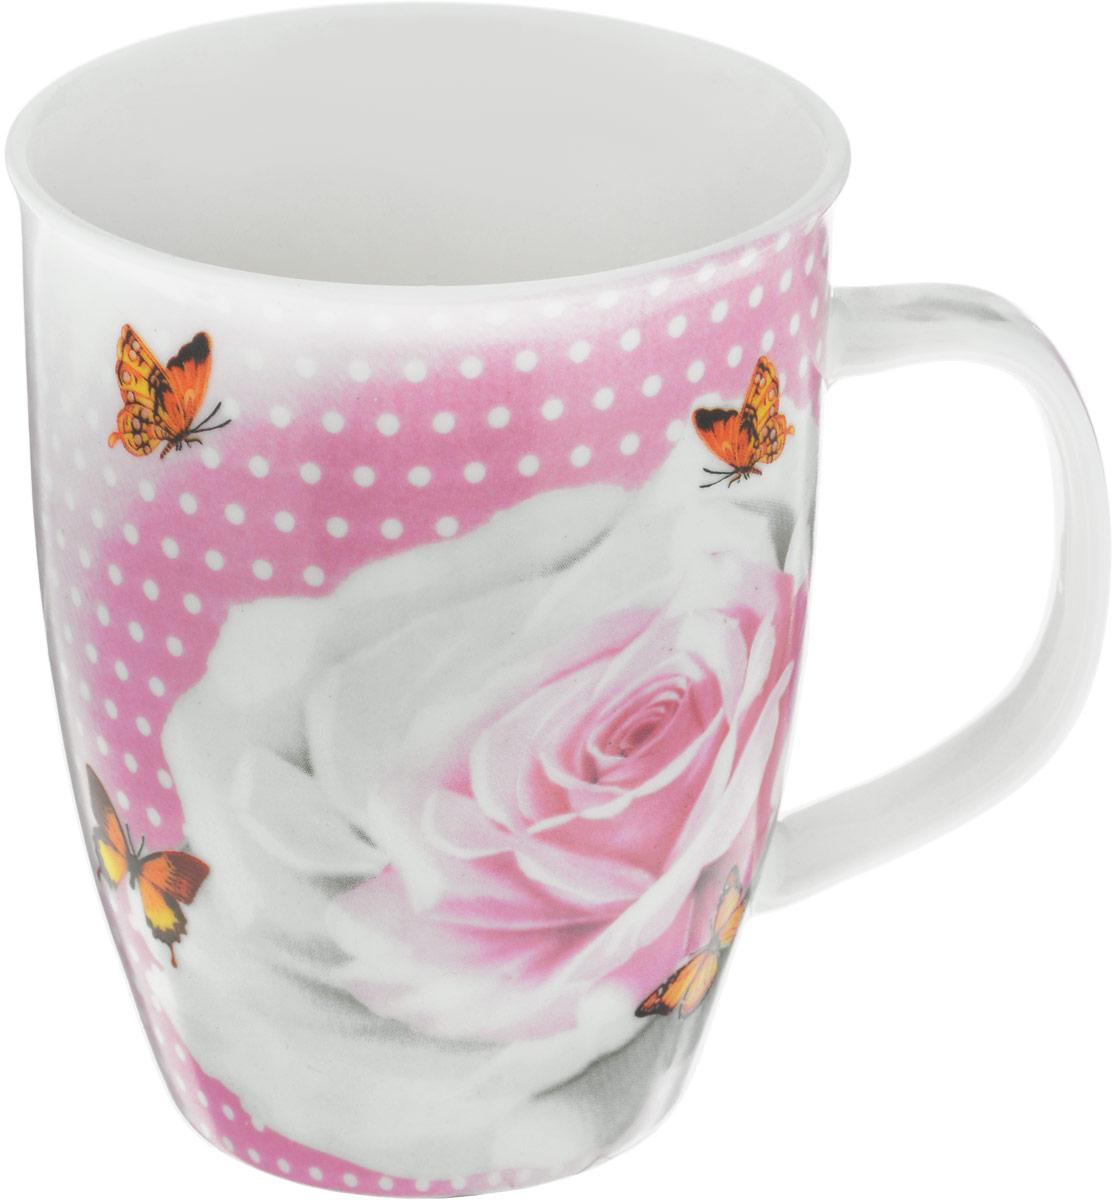 Кружка Loraine Роза с бабочками, 340 мл25969_роза с бабочкамиКружка Loraine Розы с бабочками изготовлена из прочного качественного костяного фарфора. Изделиеоформлено красочным рисунком. Благодаря своим термостатическим свойствам, изделиеотлично сохраняет температуру содержимого - морозной зимой кружка будет согревать васгорячим чаем, а знойным летом, напротив, радовать прохладными напитками.Такой аксессуар создаст атмосферу тепла и уюта, настроит на позитивный лад и подаритхорошее настроение с самого утра. Это оригинальное изделие идеально подойдет в подарокблизкому человеку.Диаметр (по верхнему краю): 8,5 см. Высота кружки: 10,5 см.